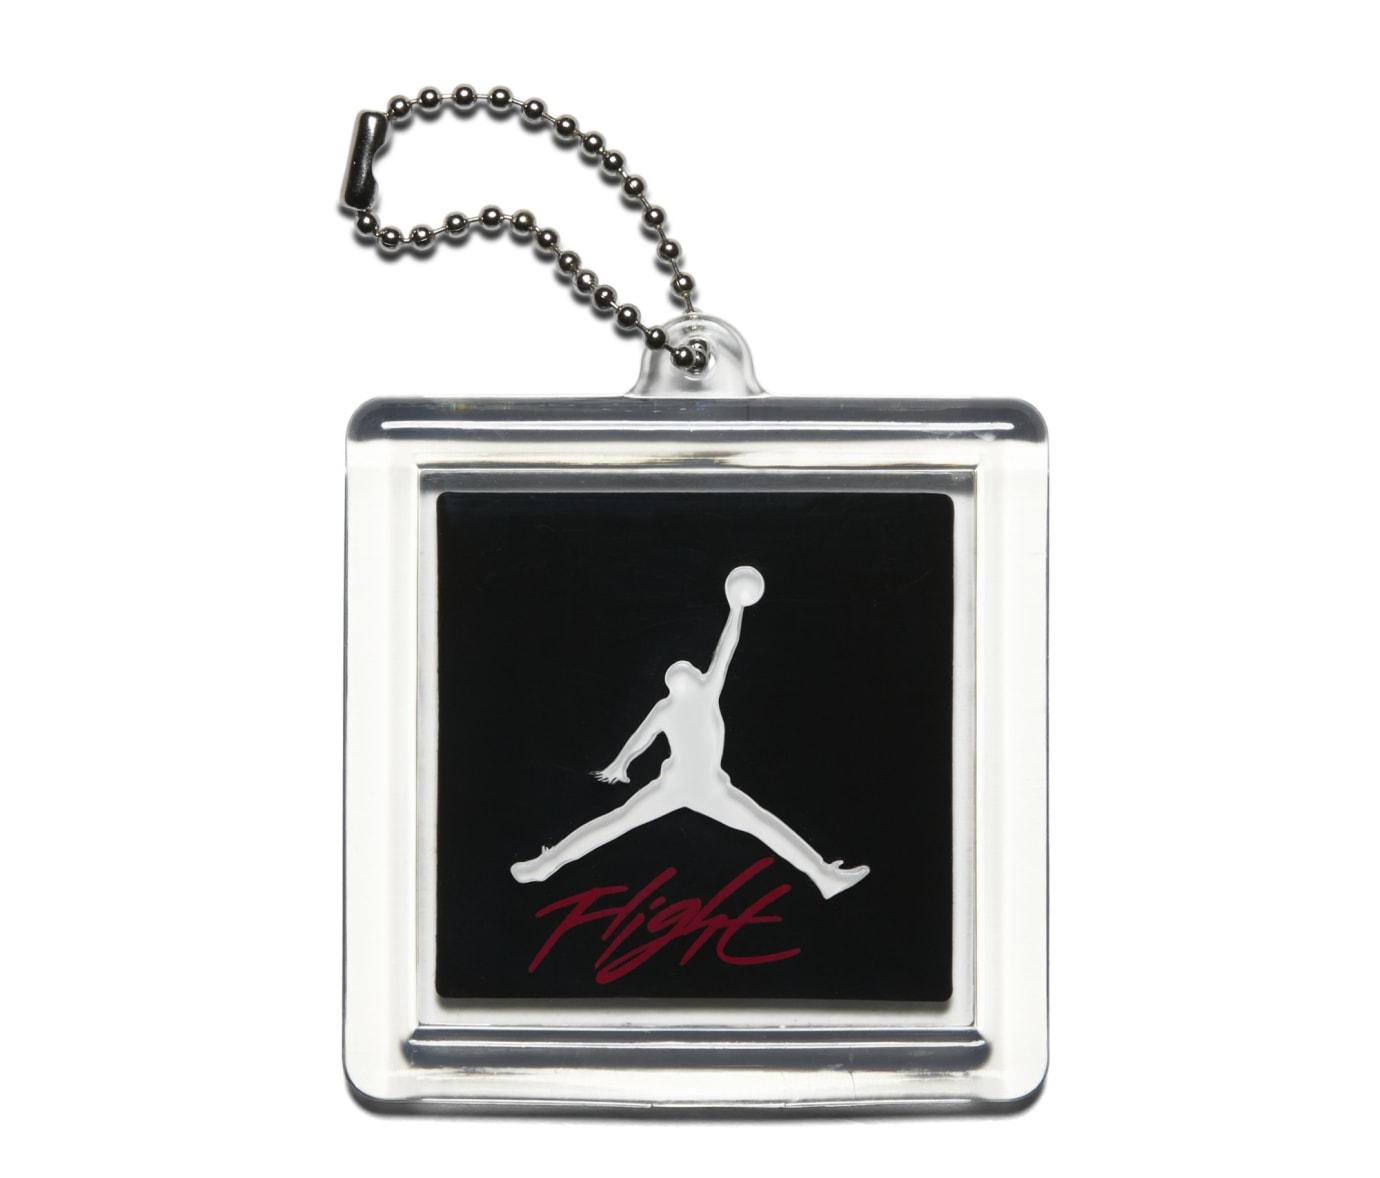 Air Jordan 4 'Raptors' AQ3816-065 (Hangtag)